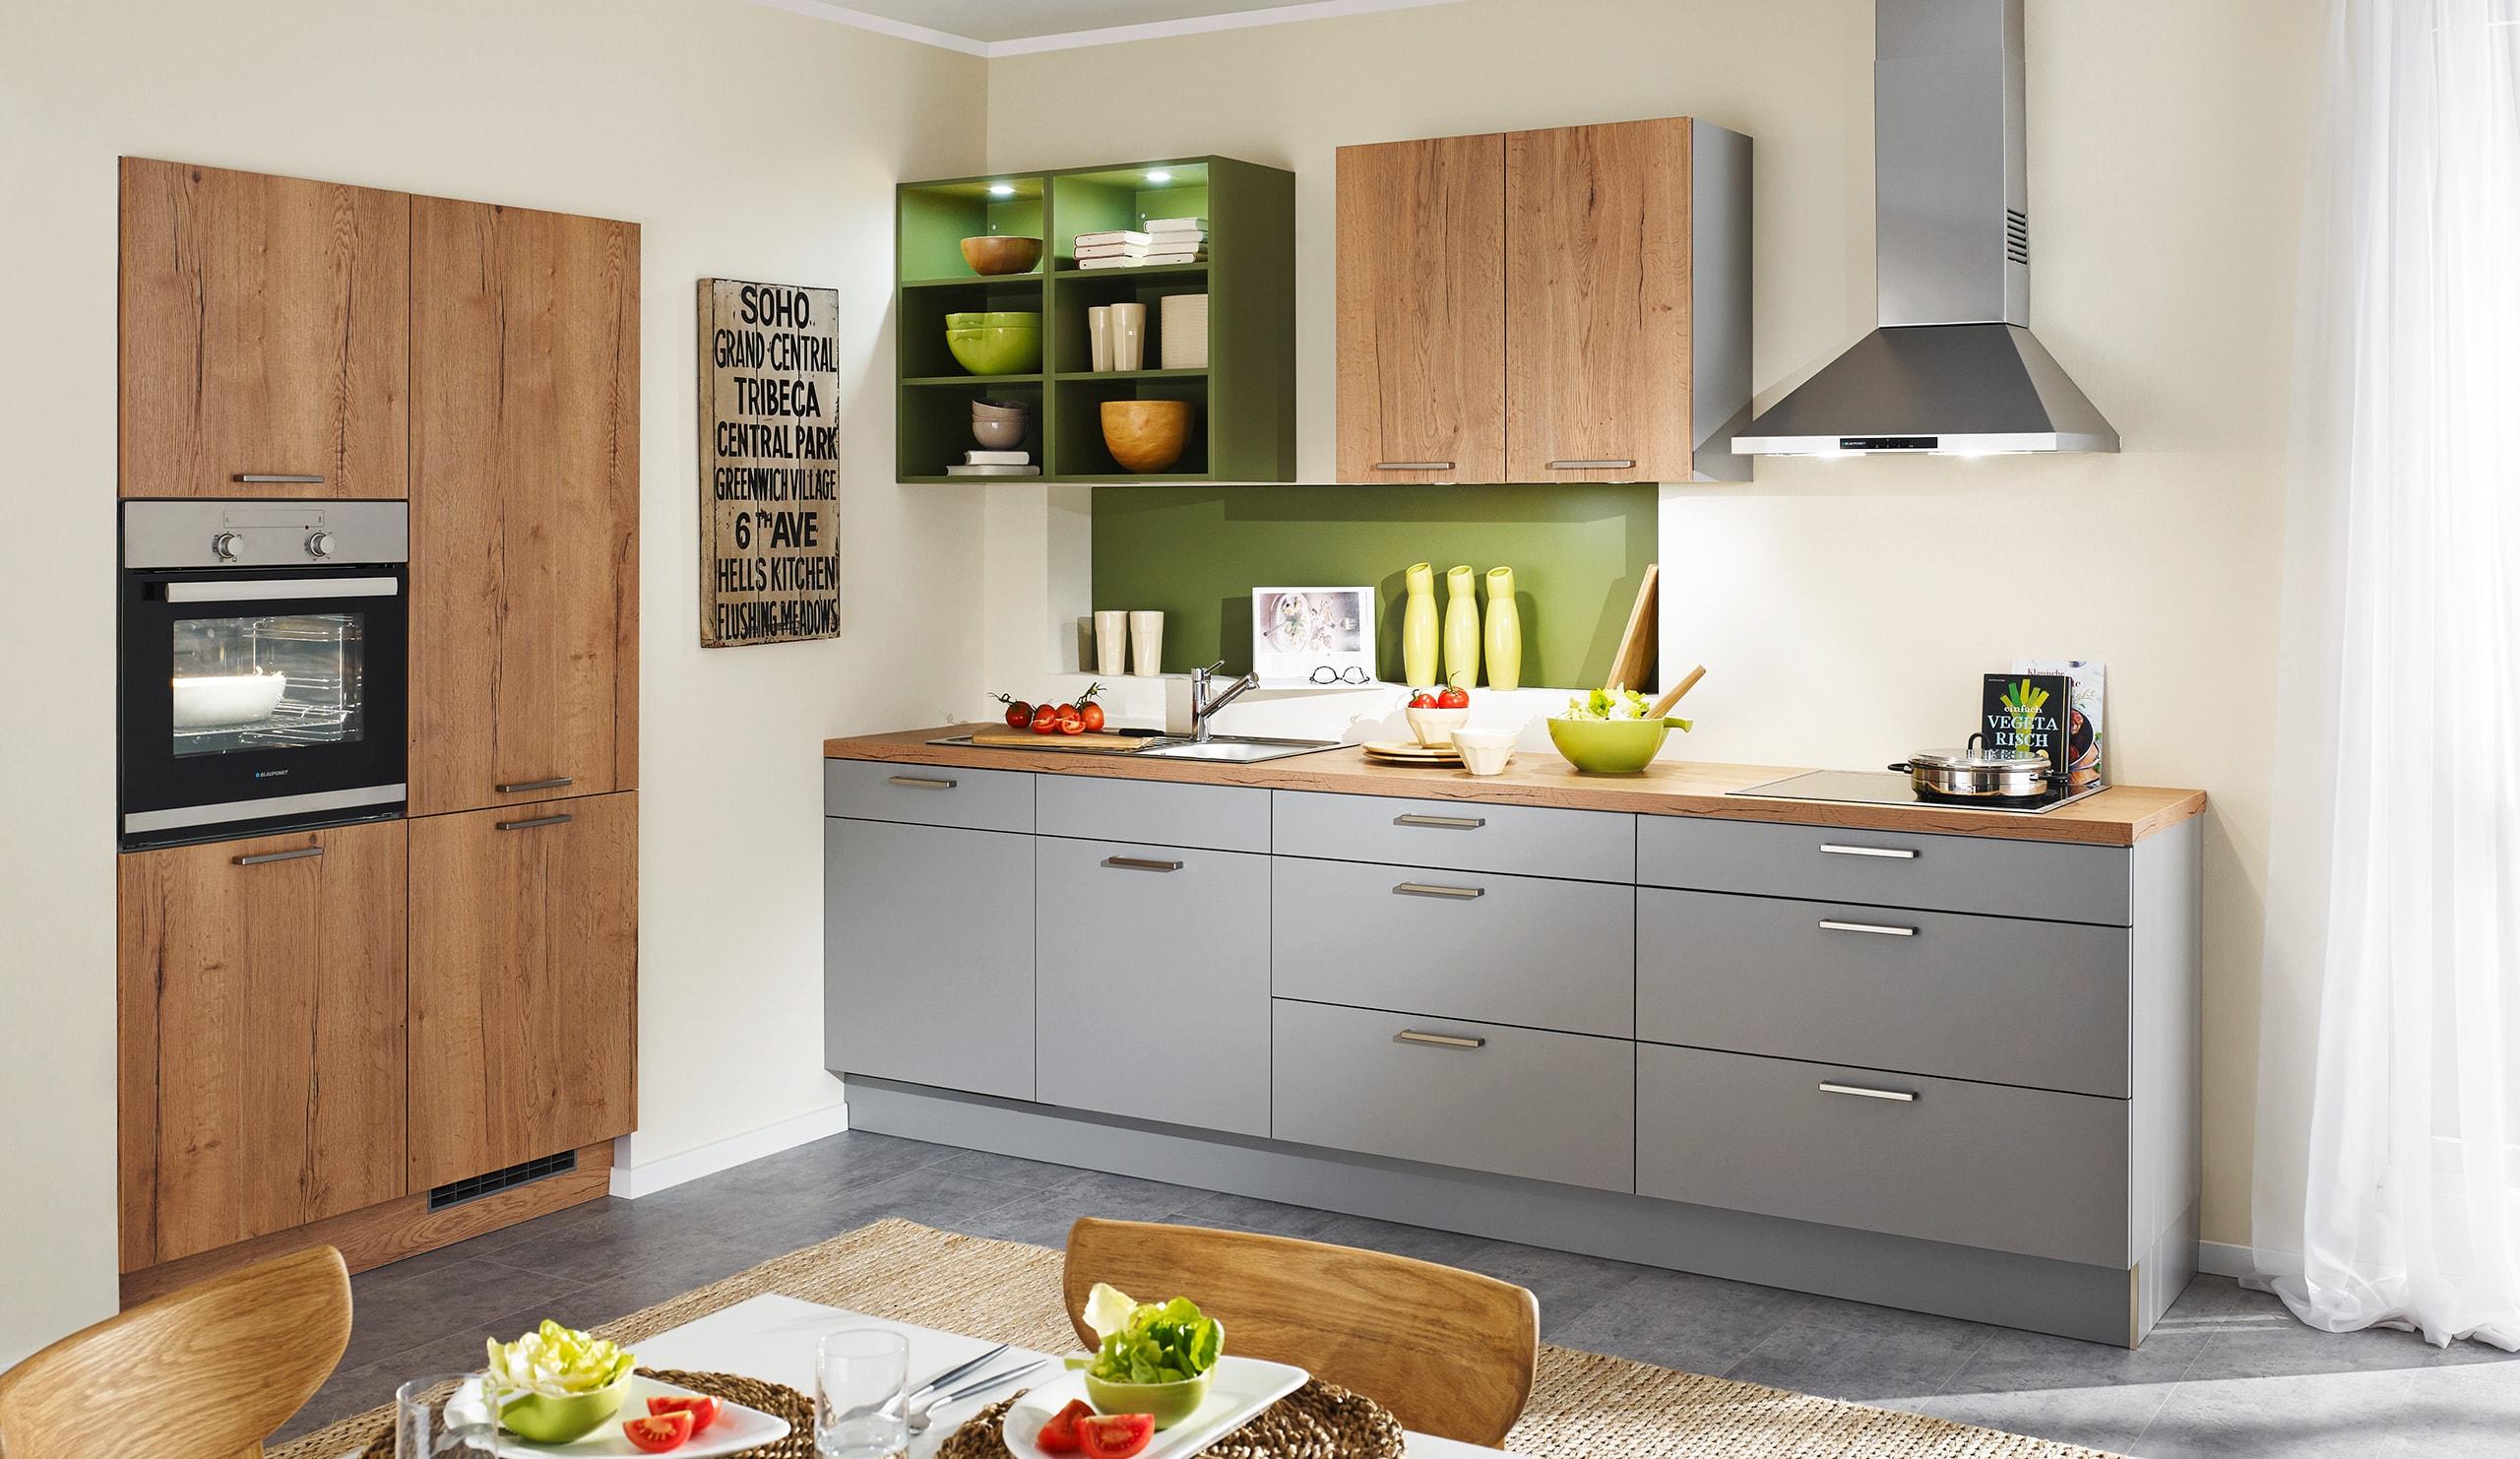 Full Size of Kchenquelle Kchen 2019 Test Küchen Regal Wohnzimmer Küchen Quelle